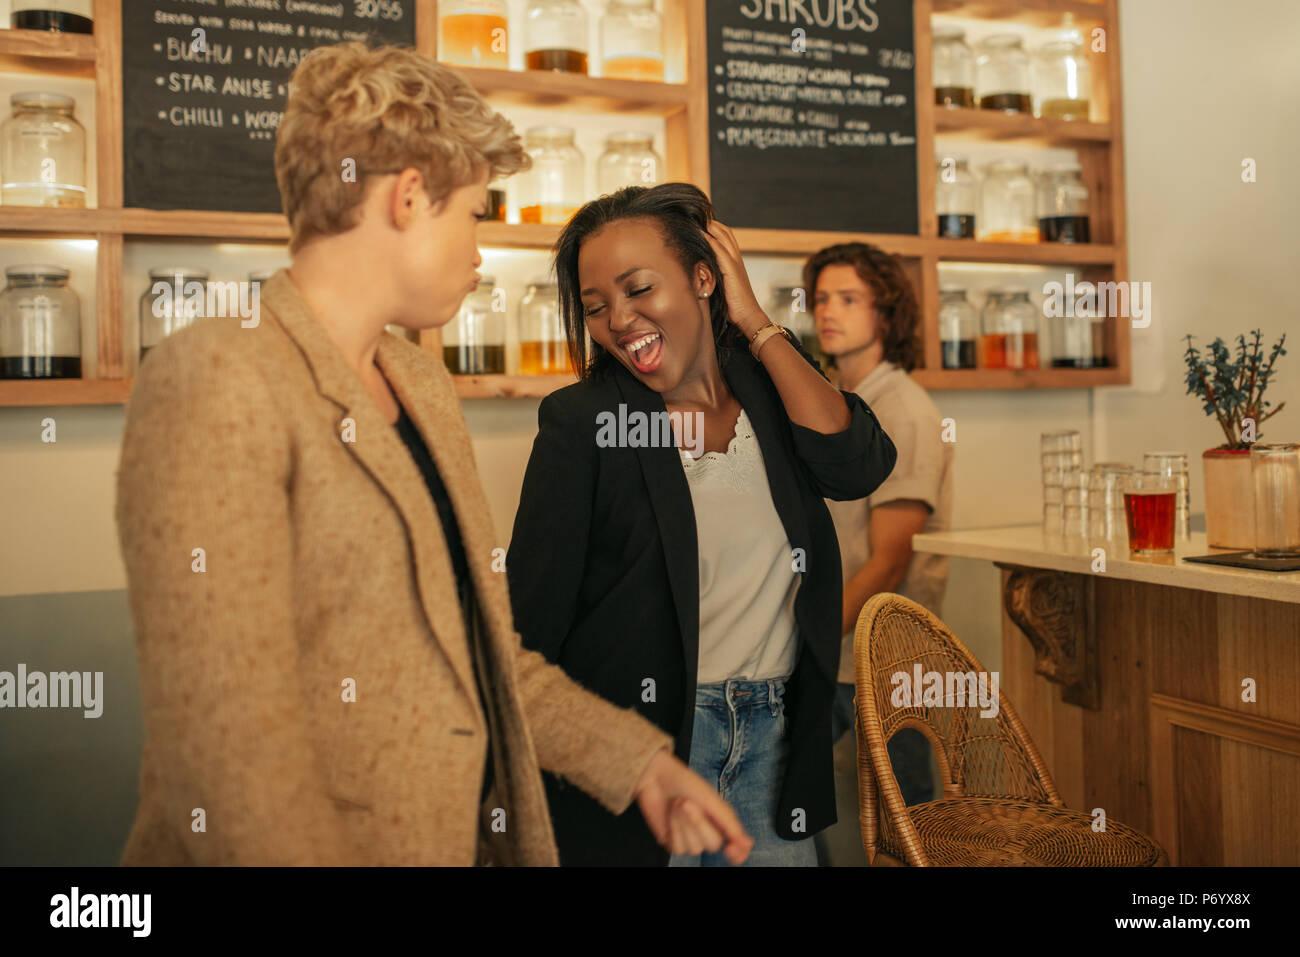 Dos amigas de risa bailando juntos en un bar. Imagen De Stock